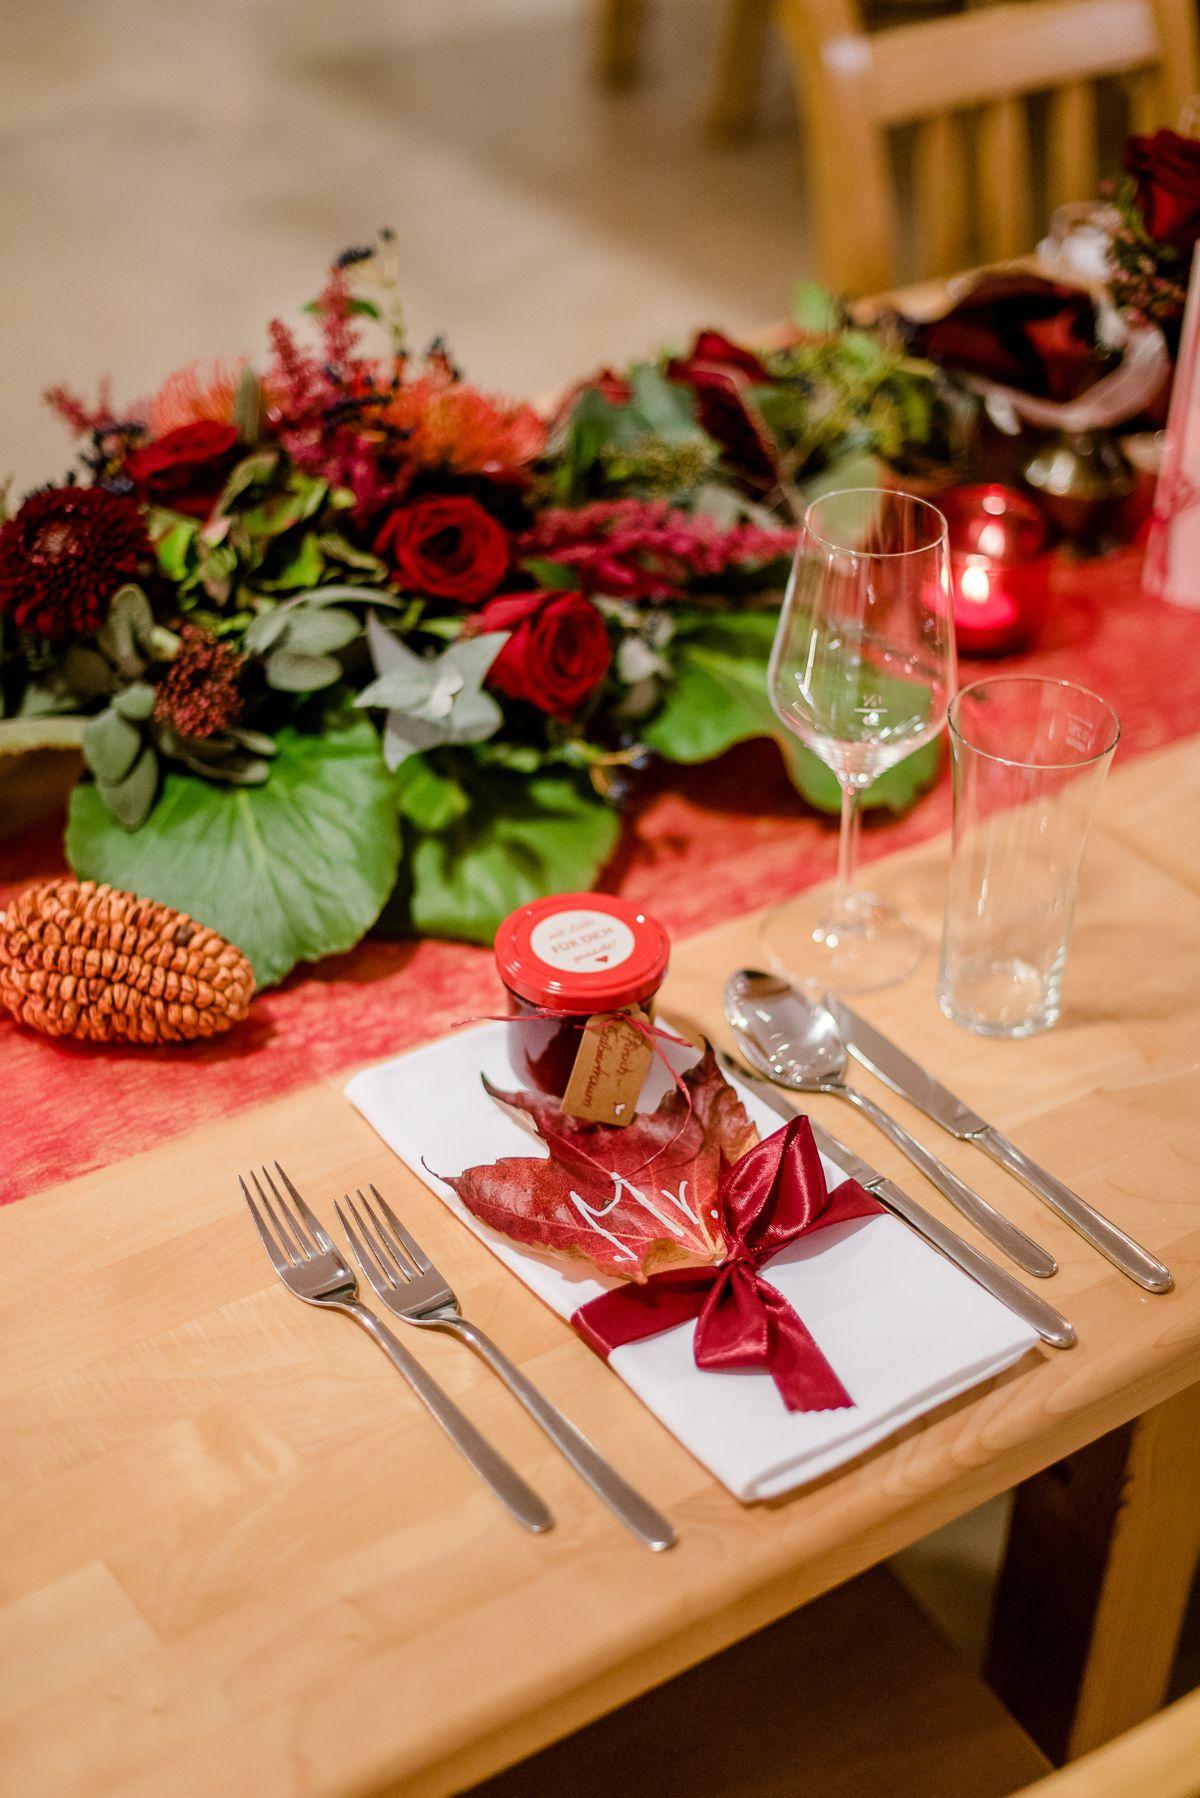 Diy Herbsthochzeit Fall Vol 5 Wedding Table Settings Fall